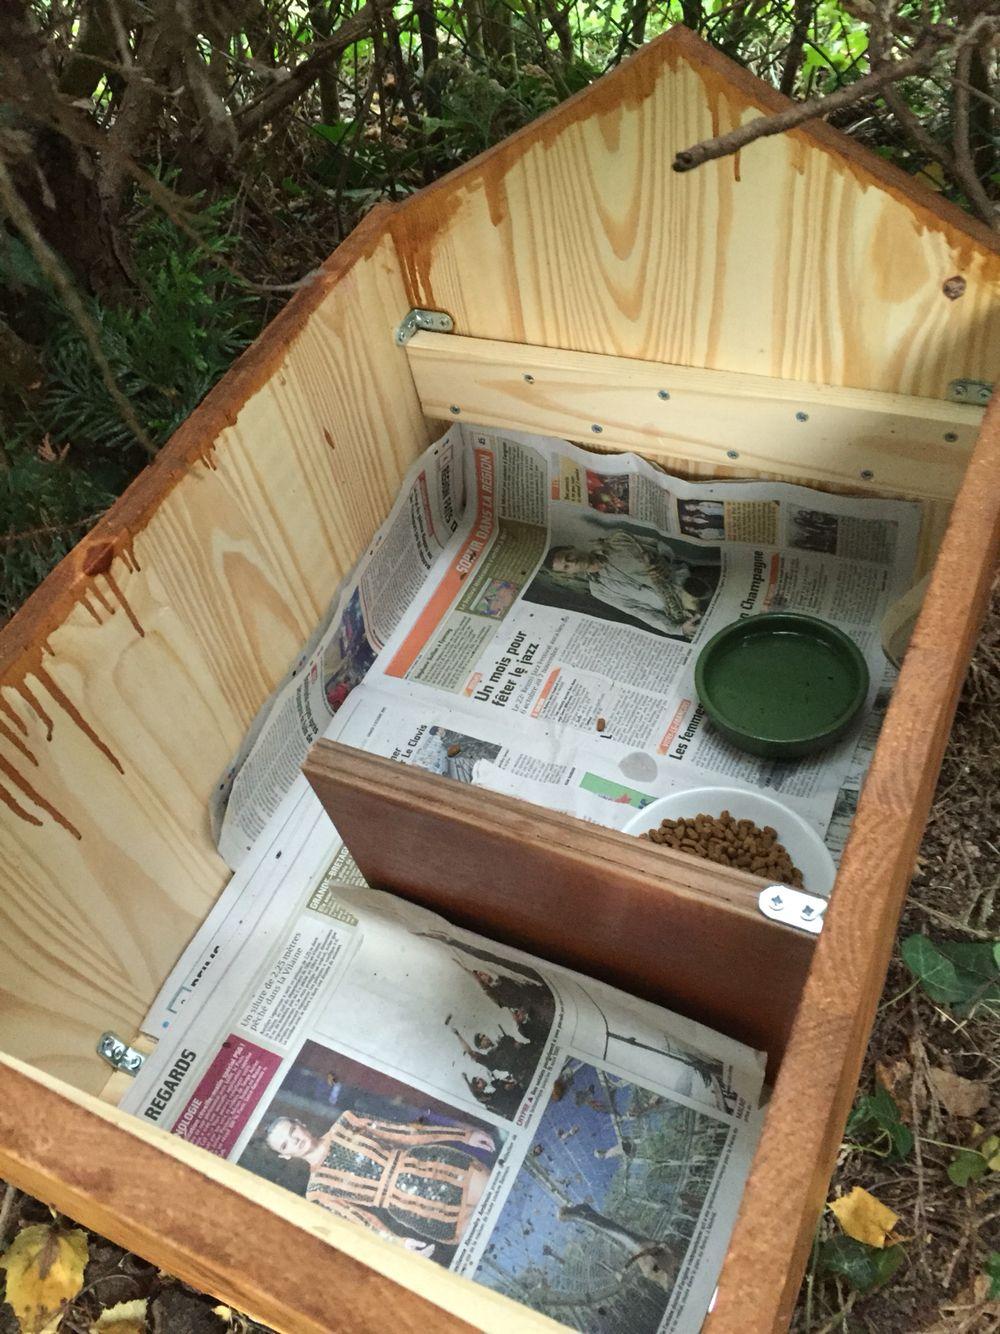 Cabane a h rissons jardin pinterest cabanes jardins et jardinage - Abri pour herisson jardin amiens ...